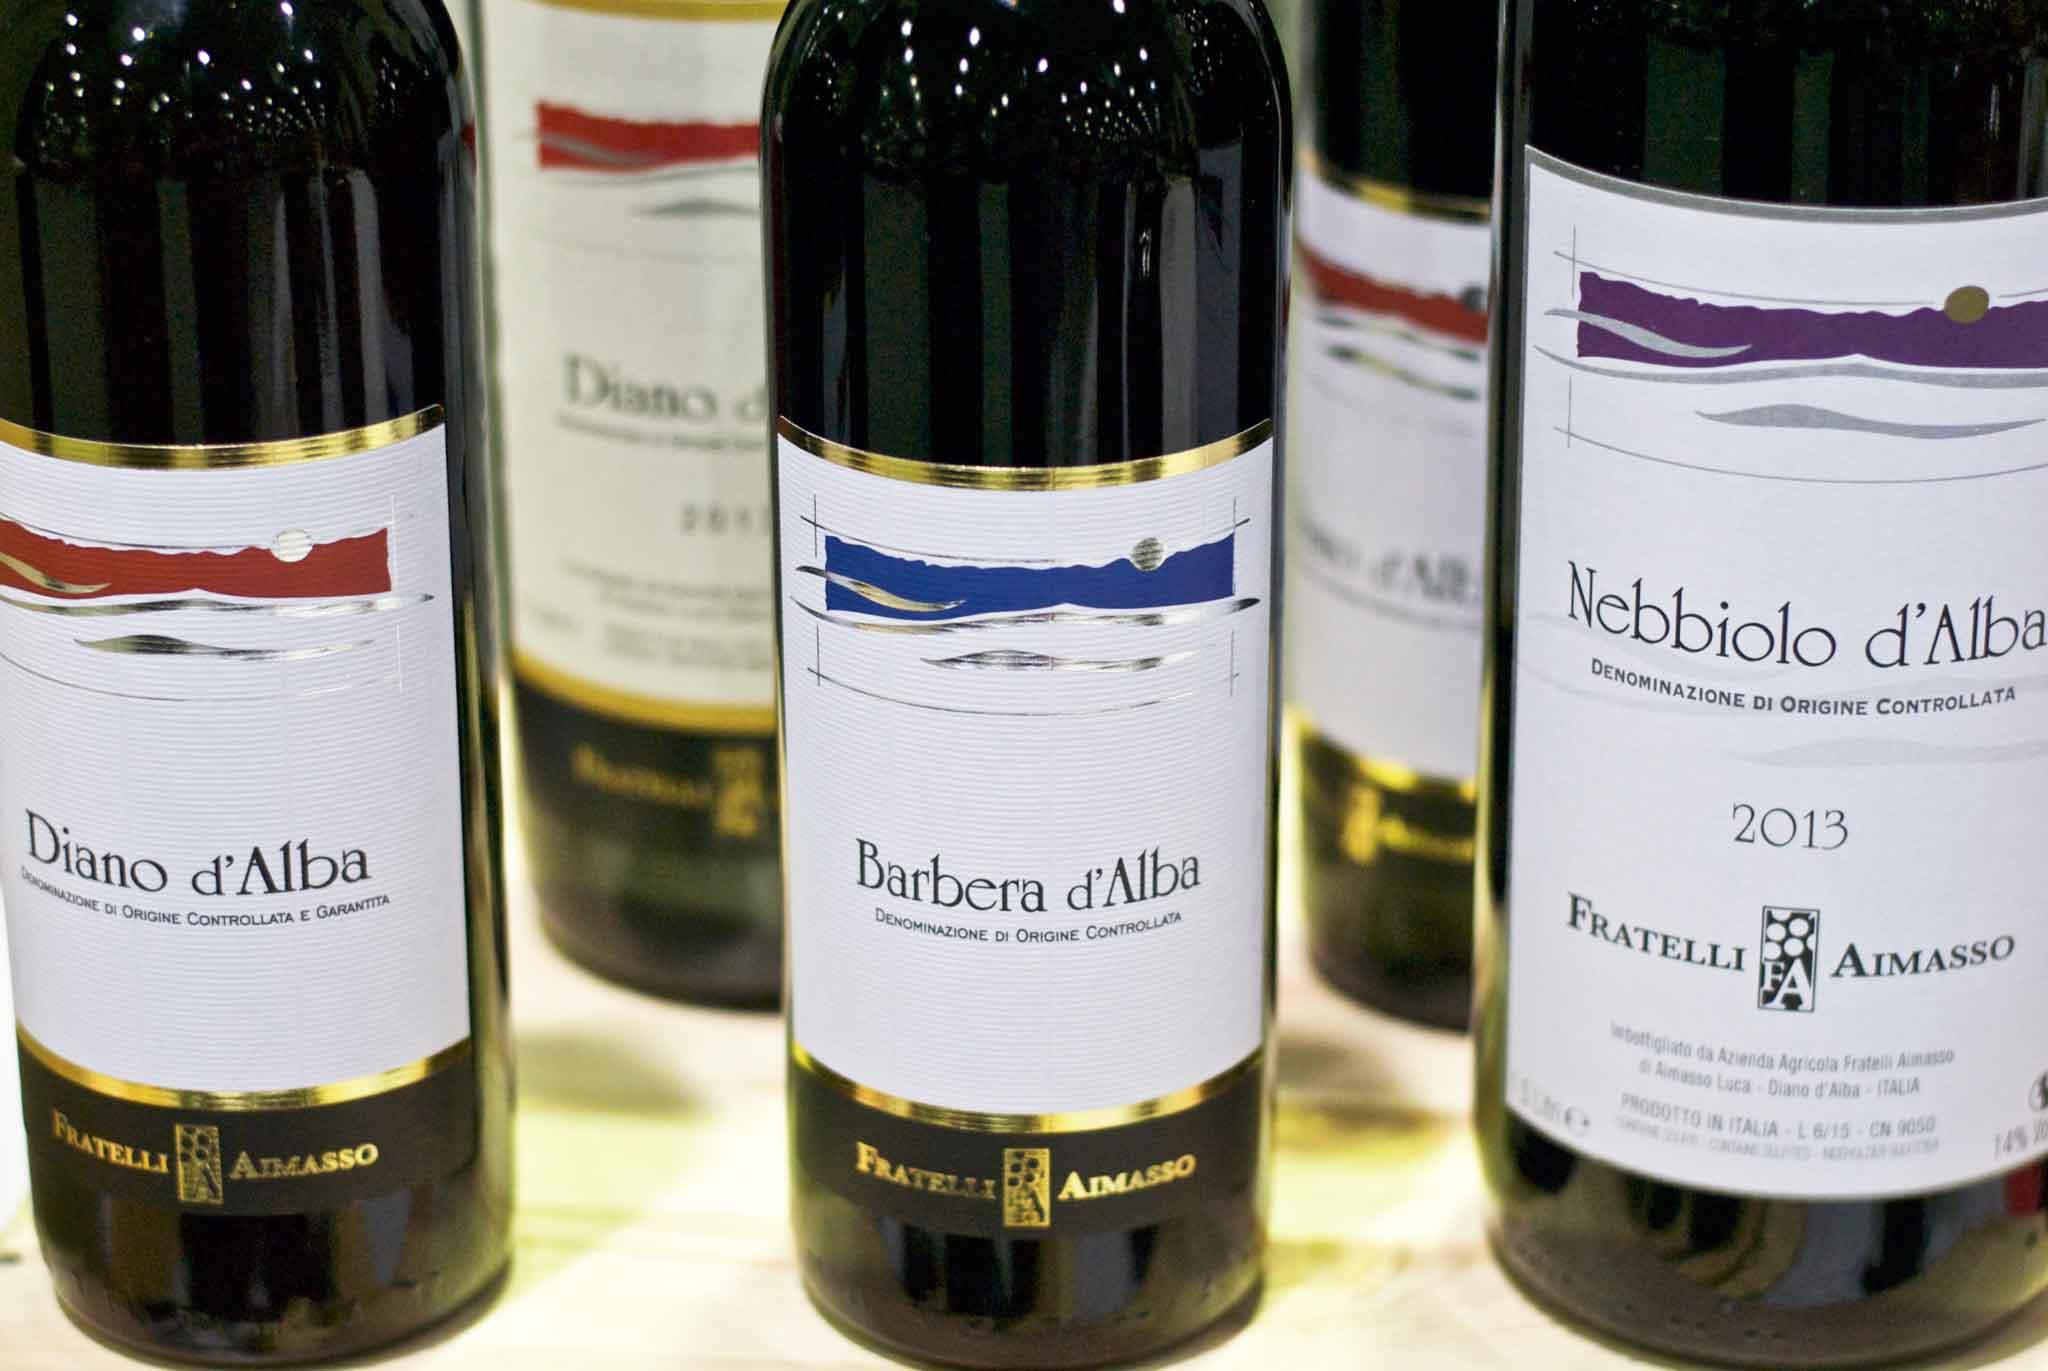 Fratelli Aimasso vini